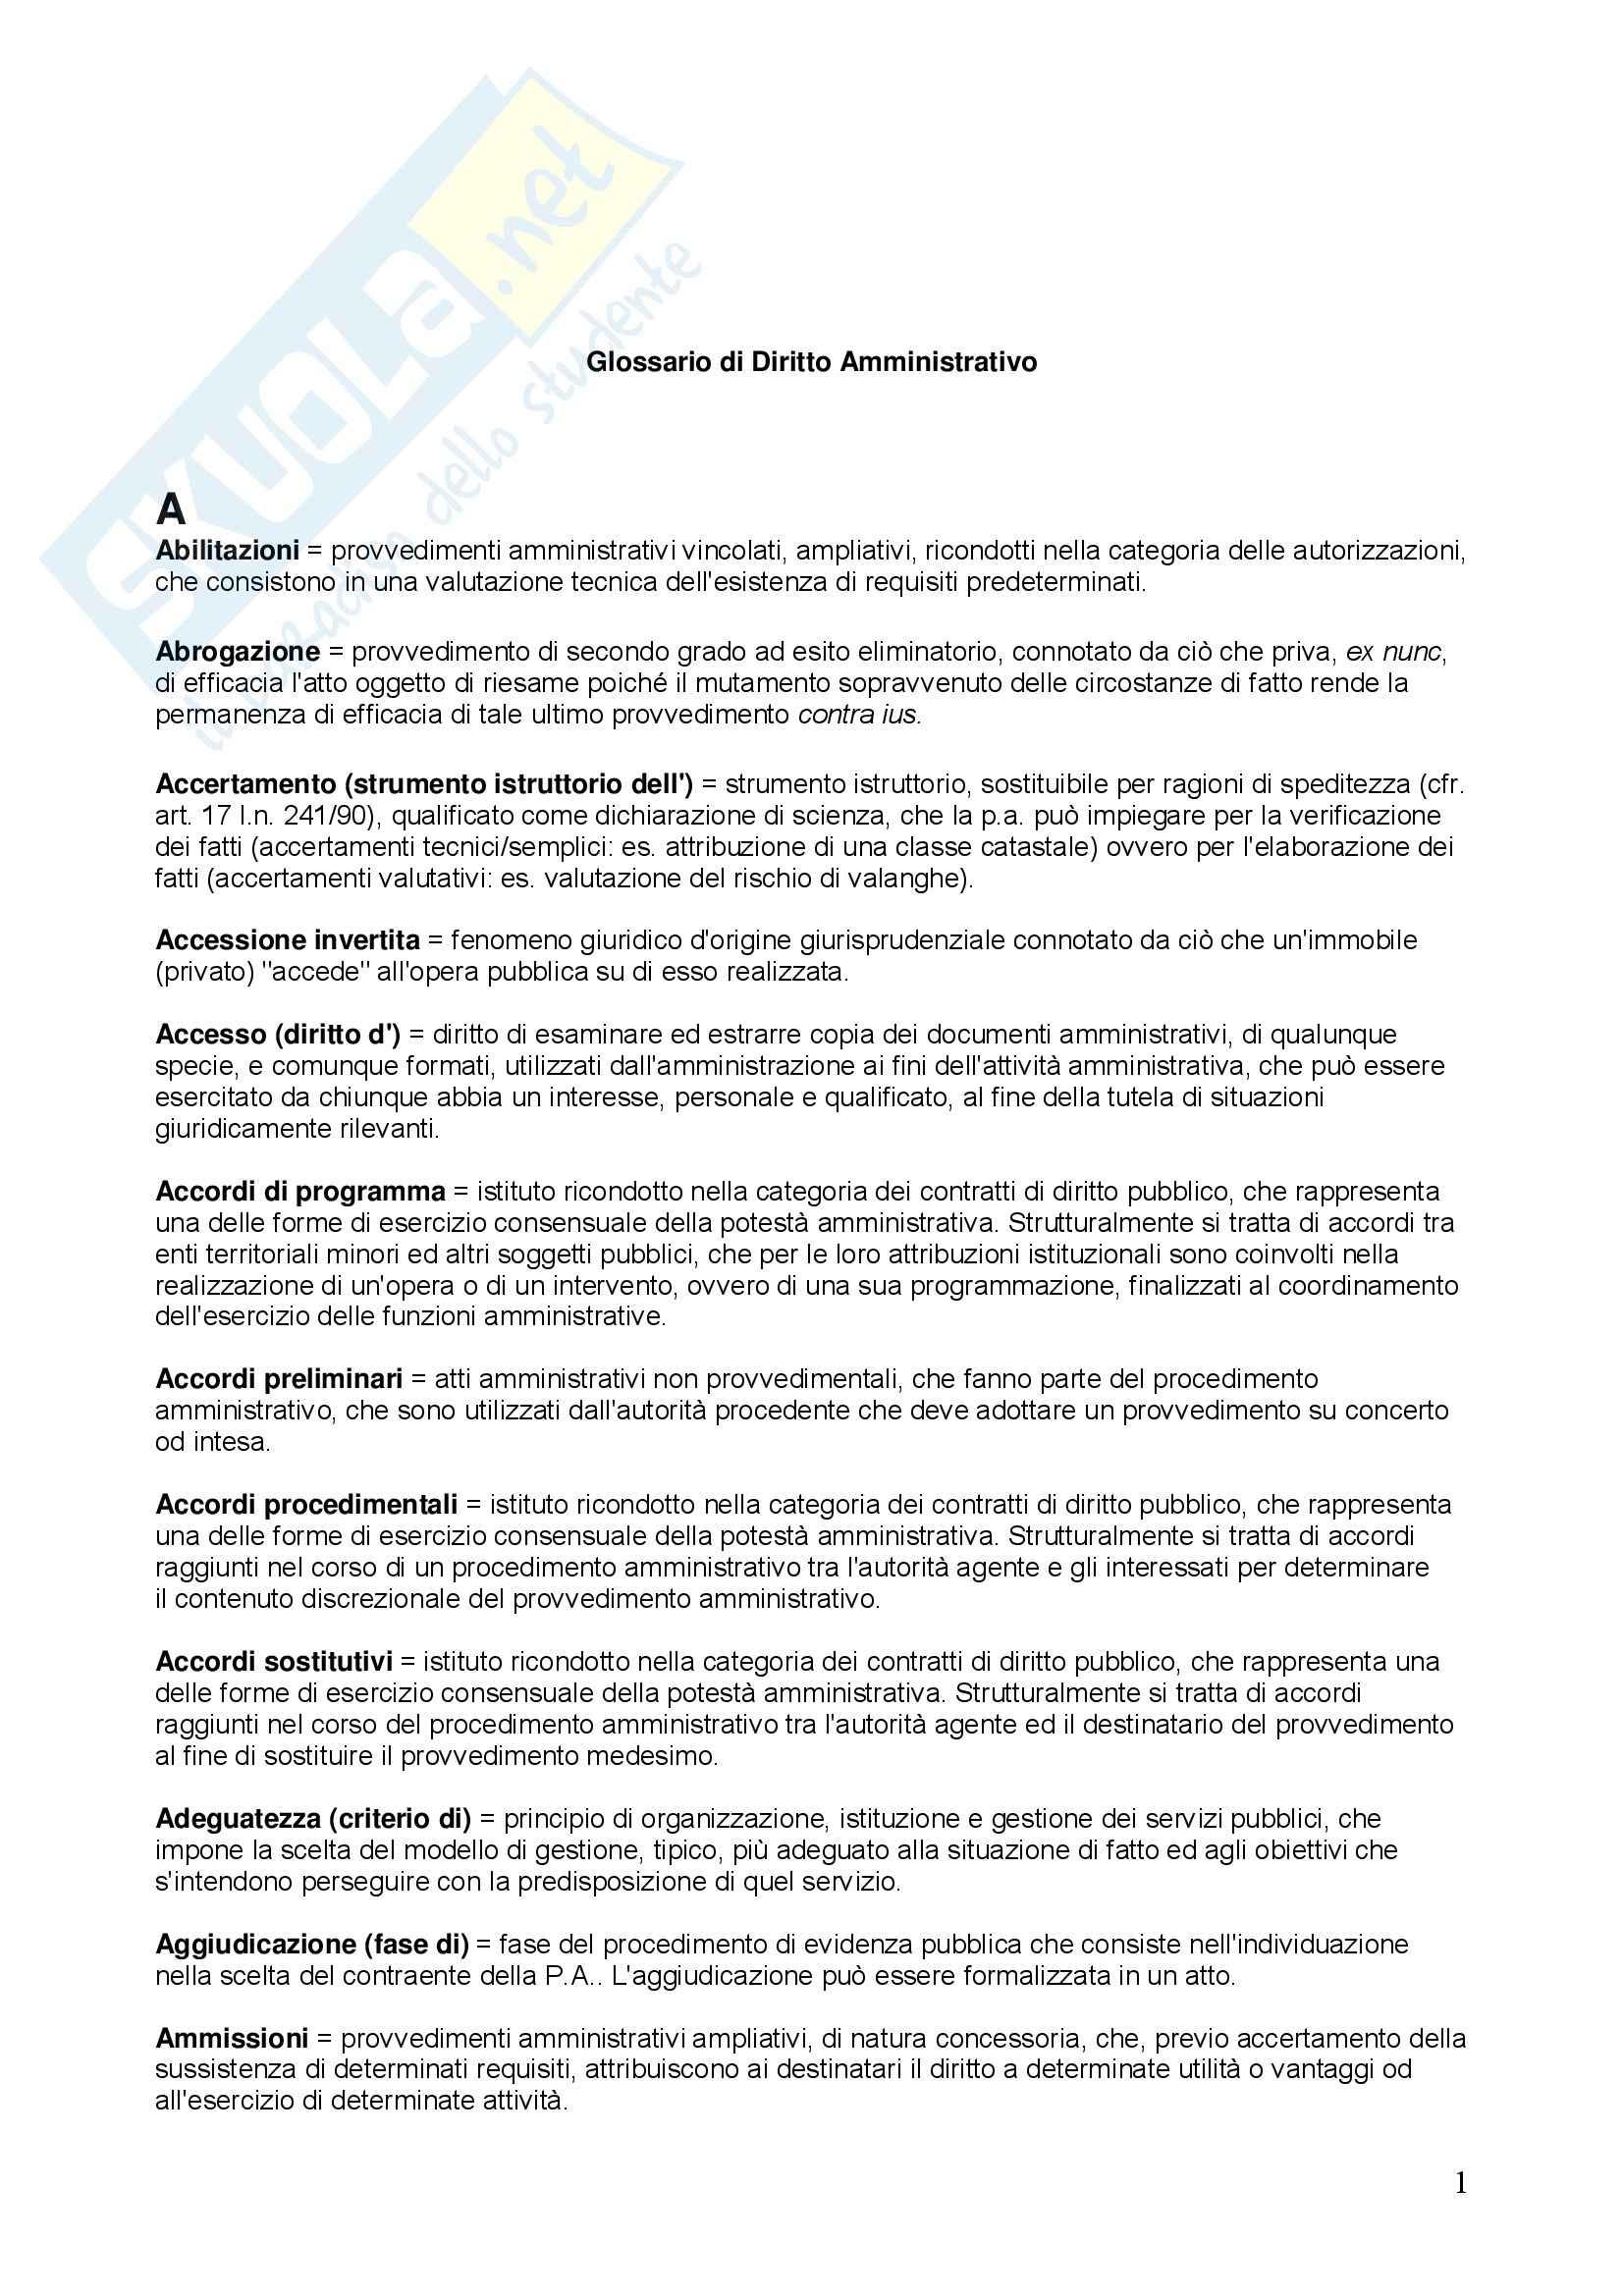 Diritto amministrativo – Glossario